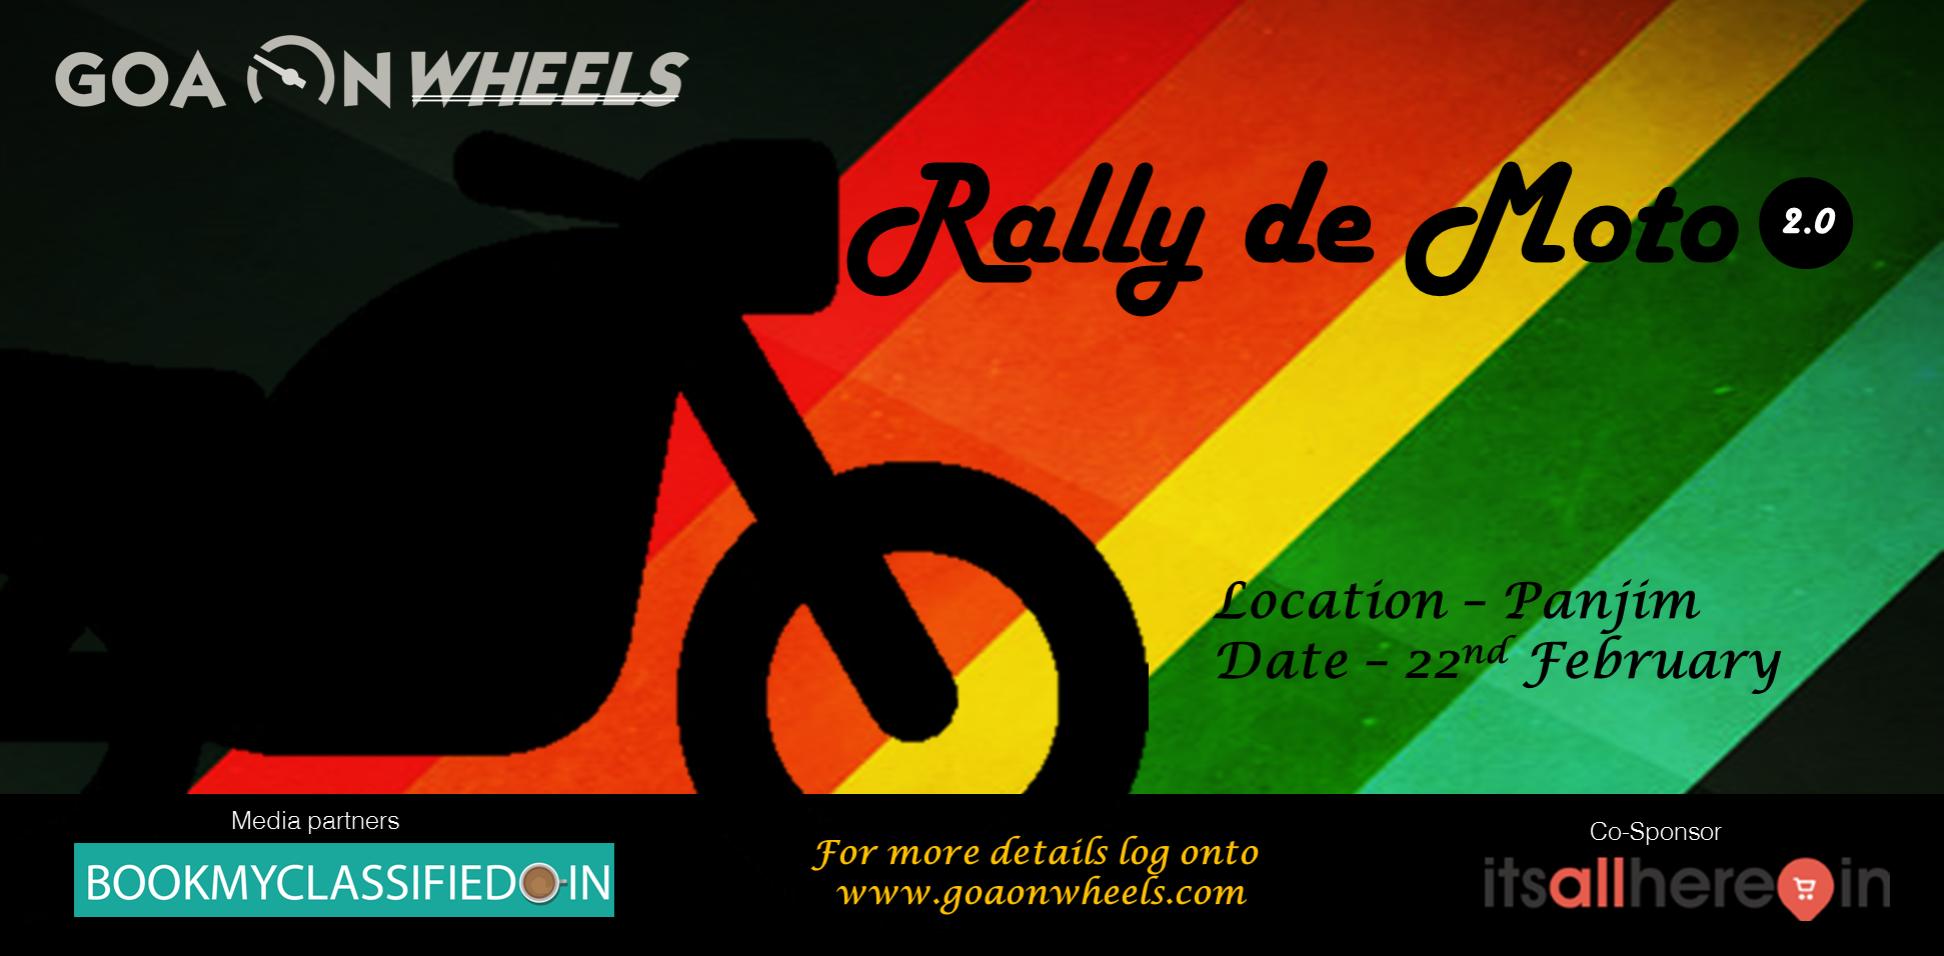 rally de moto poster 2